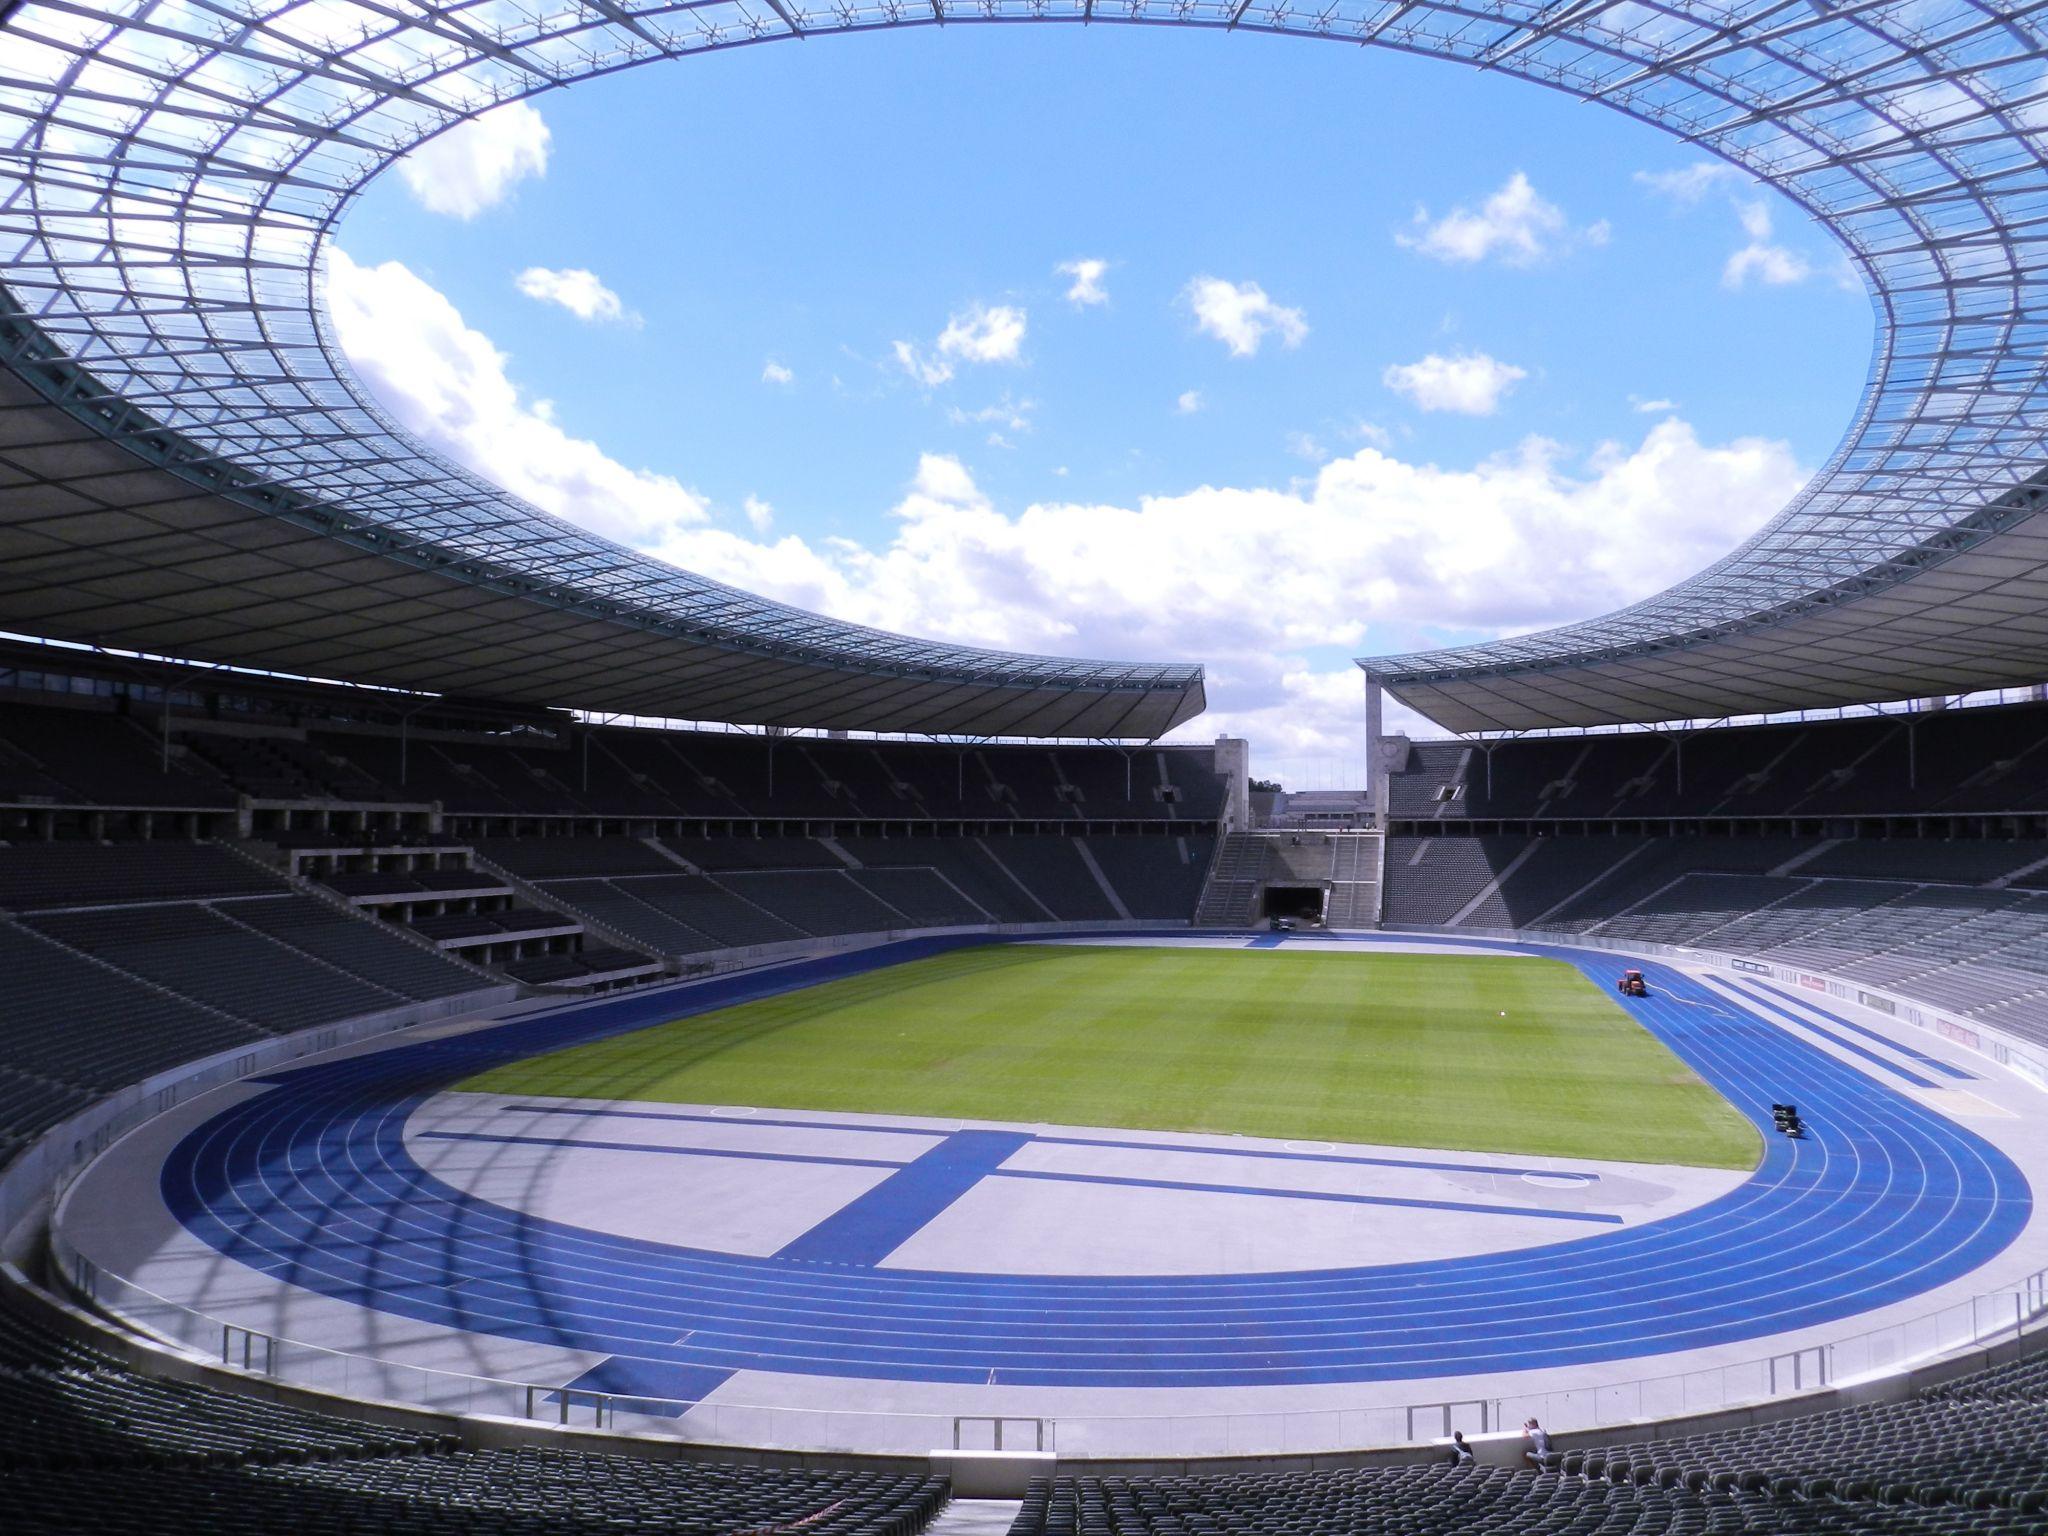 Olympiastadion, Germany